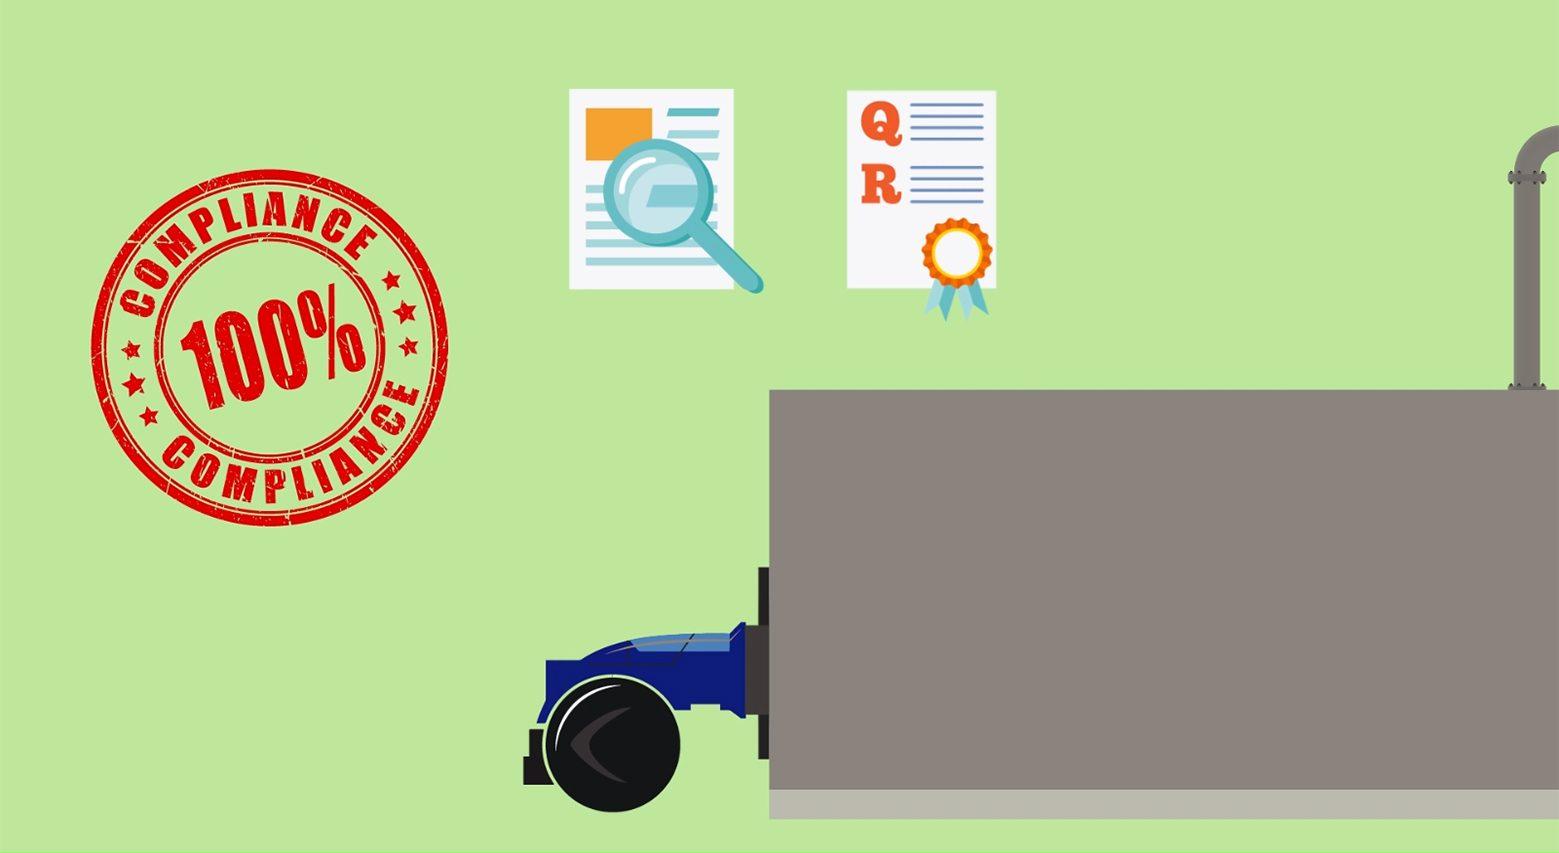 FACILE CIB Unigas rispetto costante delle normative